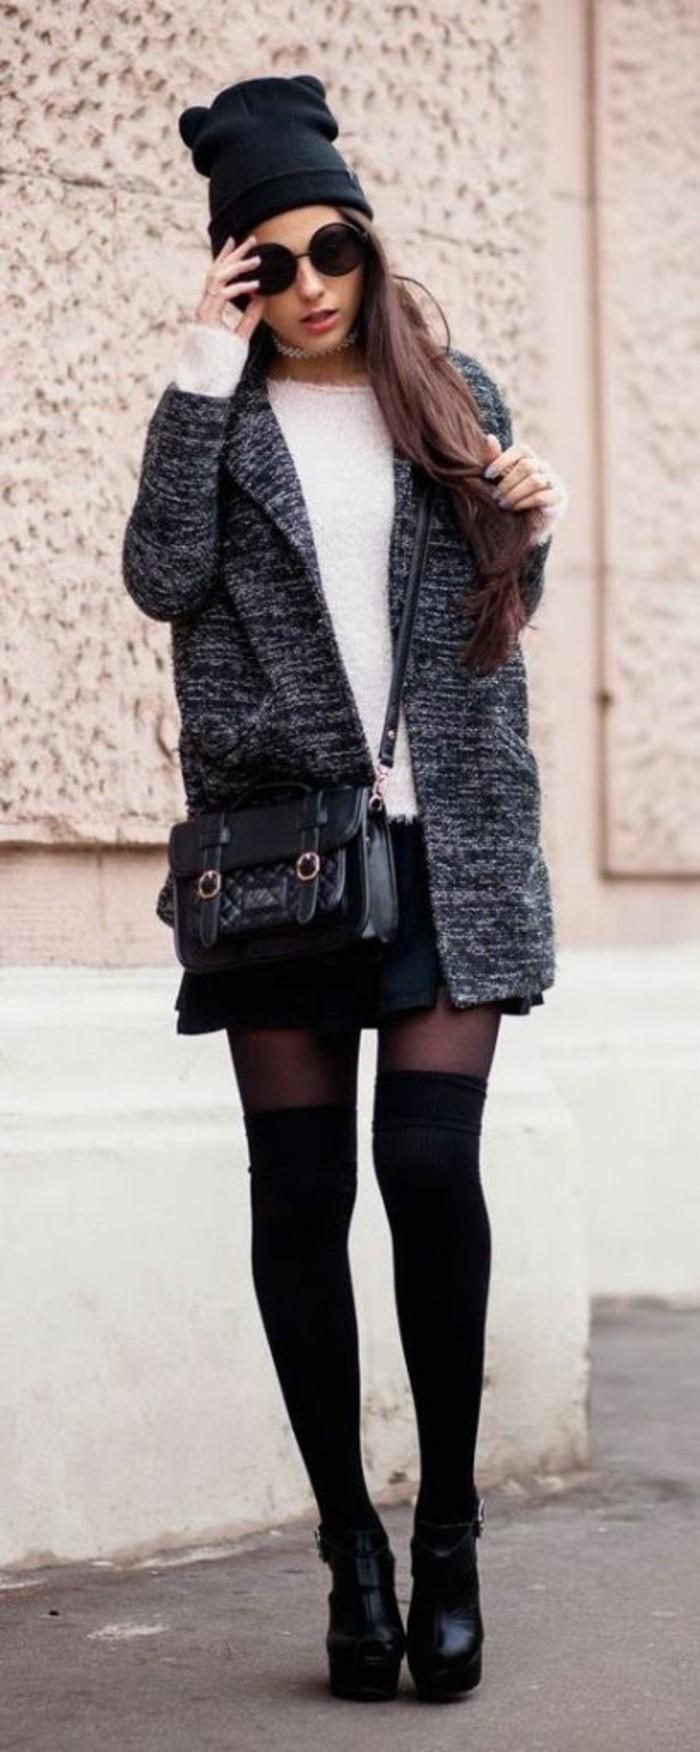 style-casual-large-manteau-jupe-courte-pull-chaud-femme-modele-chaussette-haute-en-coton